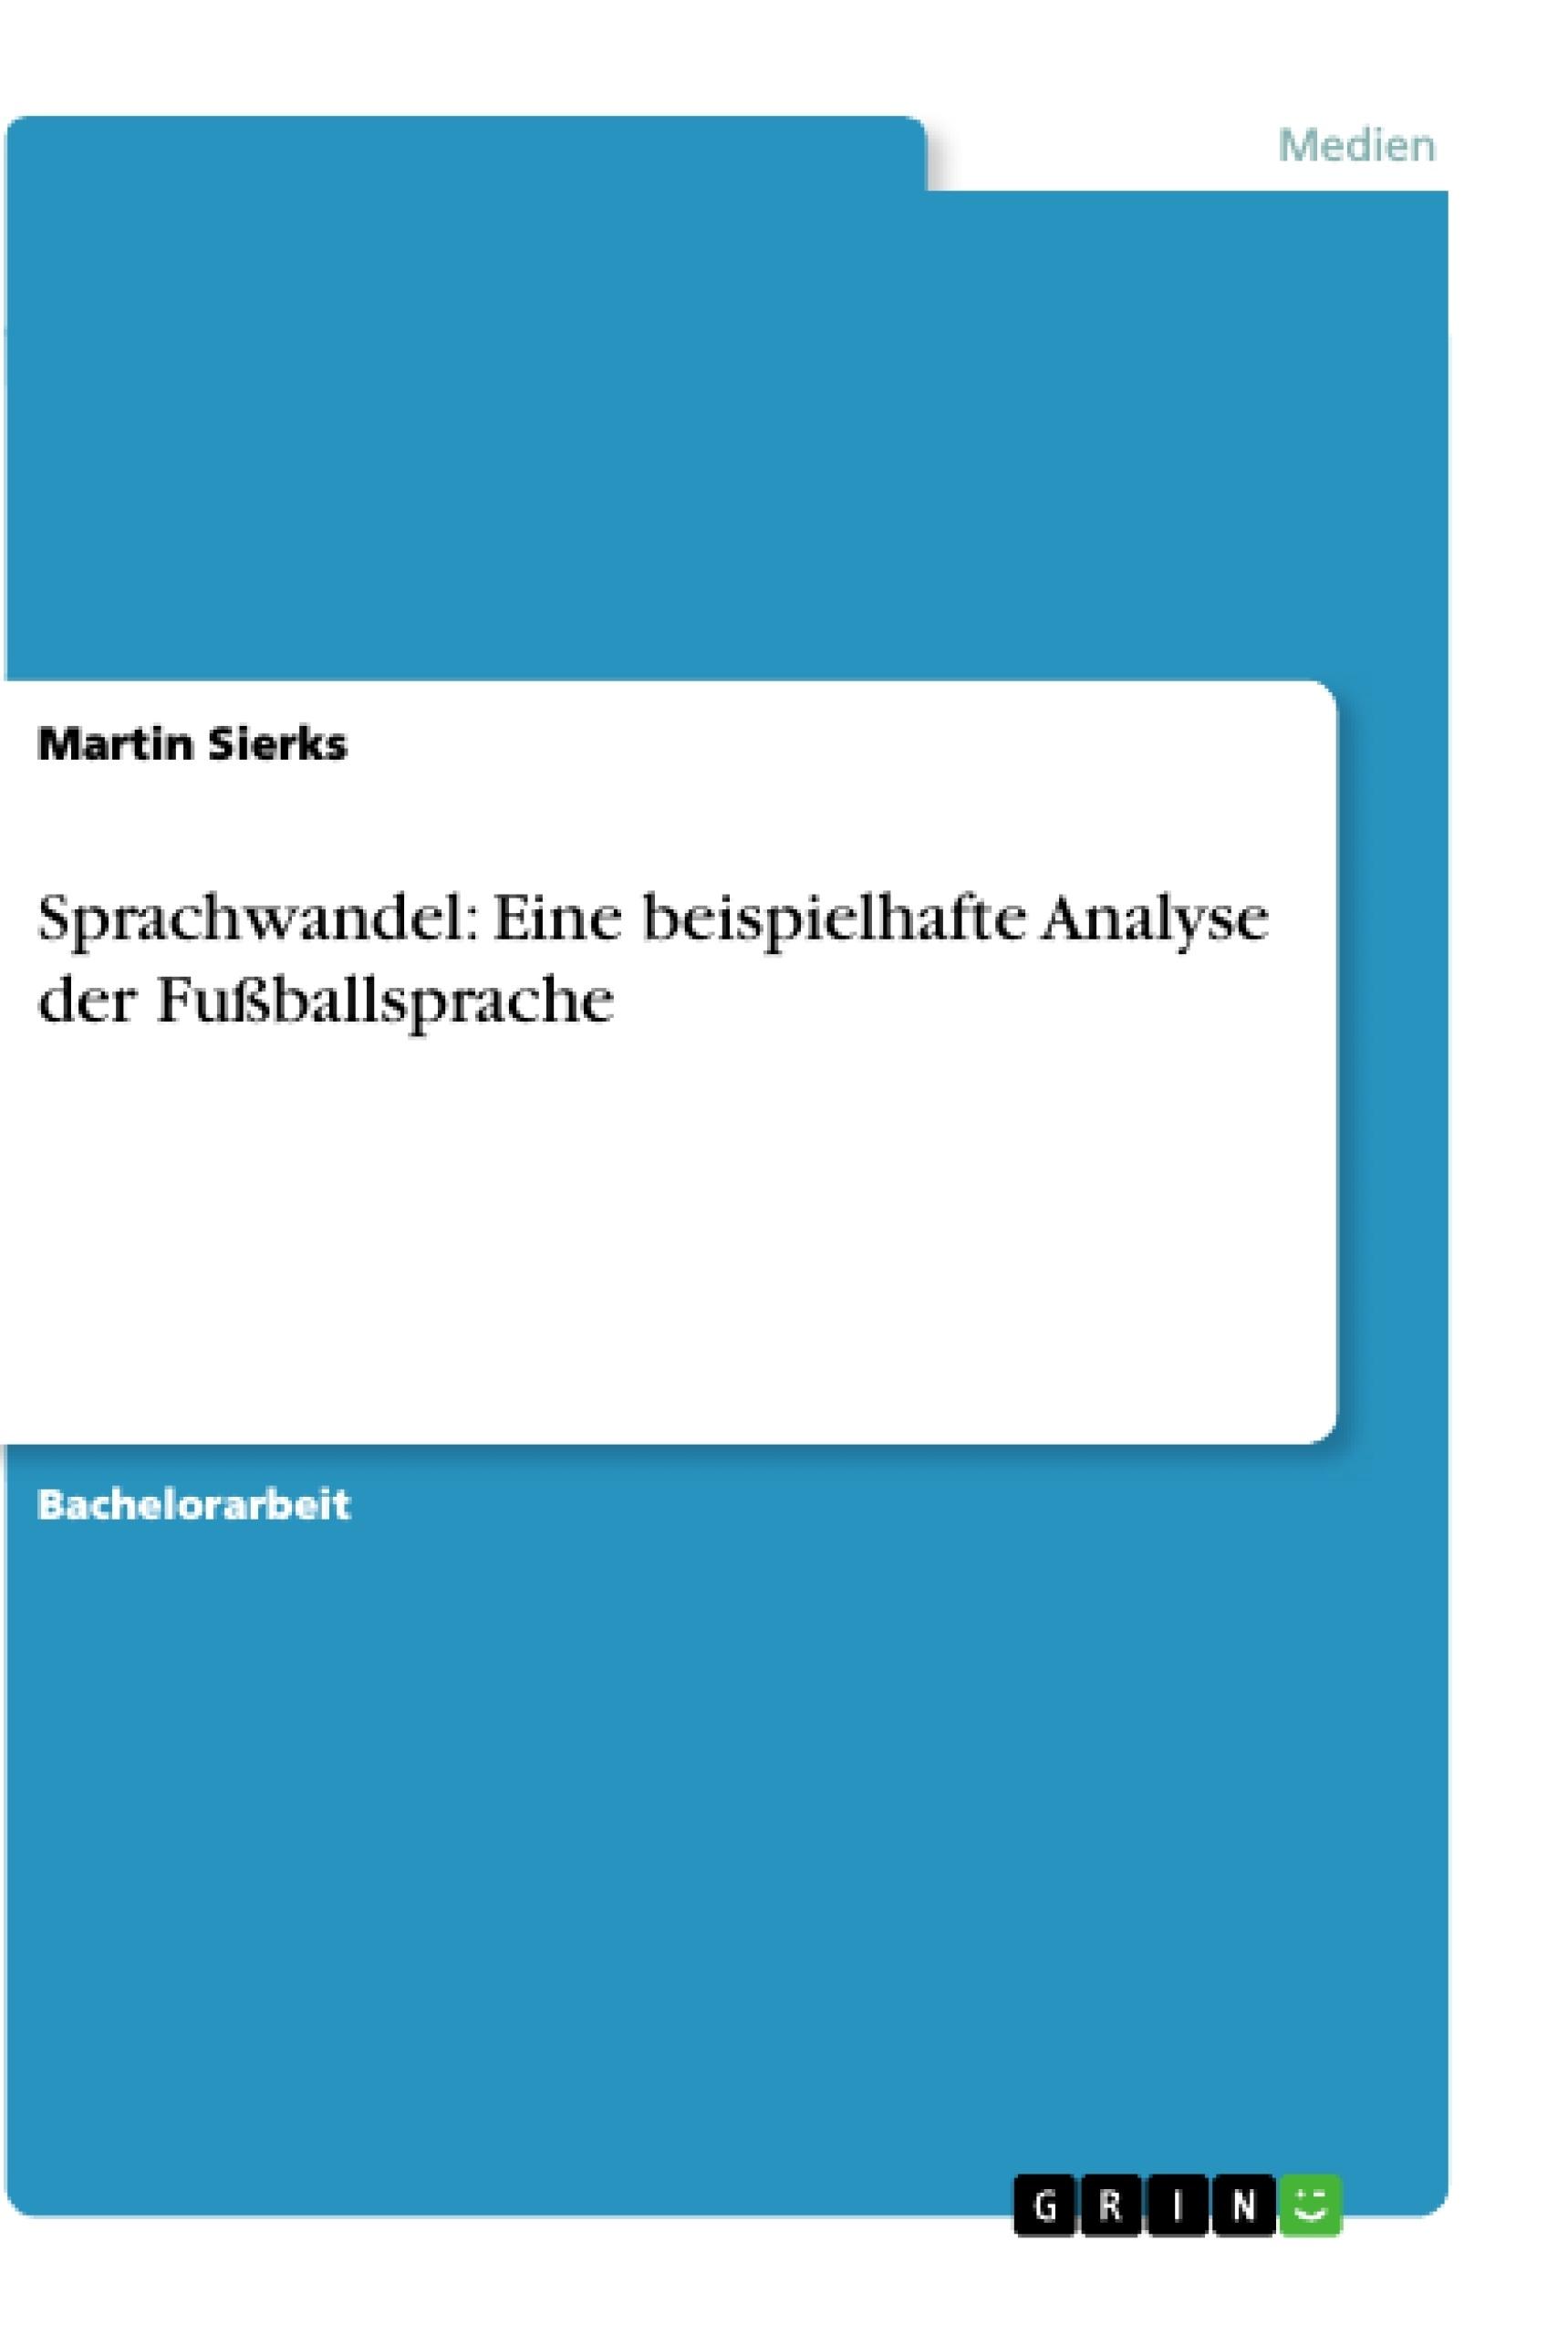 Titel: Sprachwandel: Eine beispielhafte Analyse der Fußballsprache